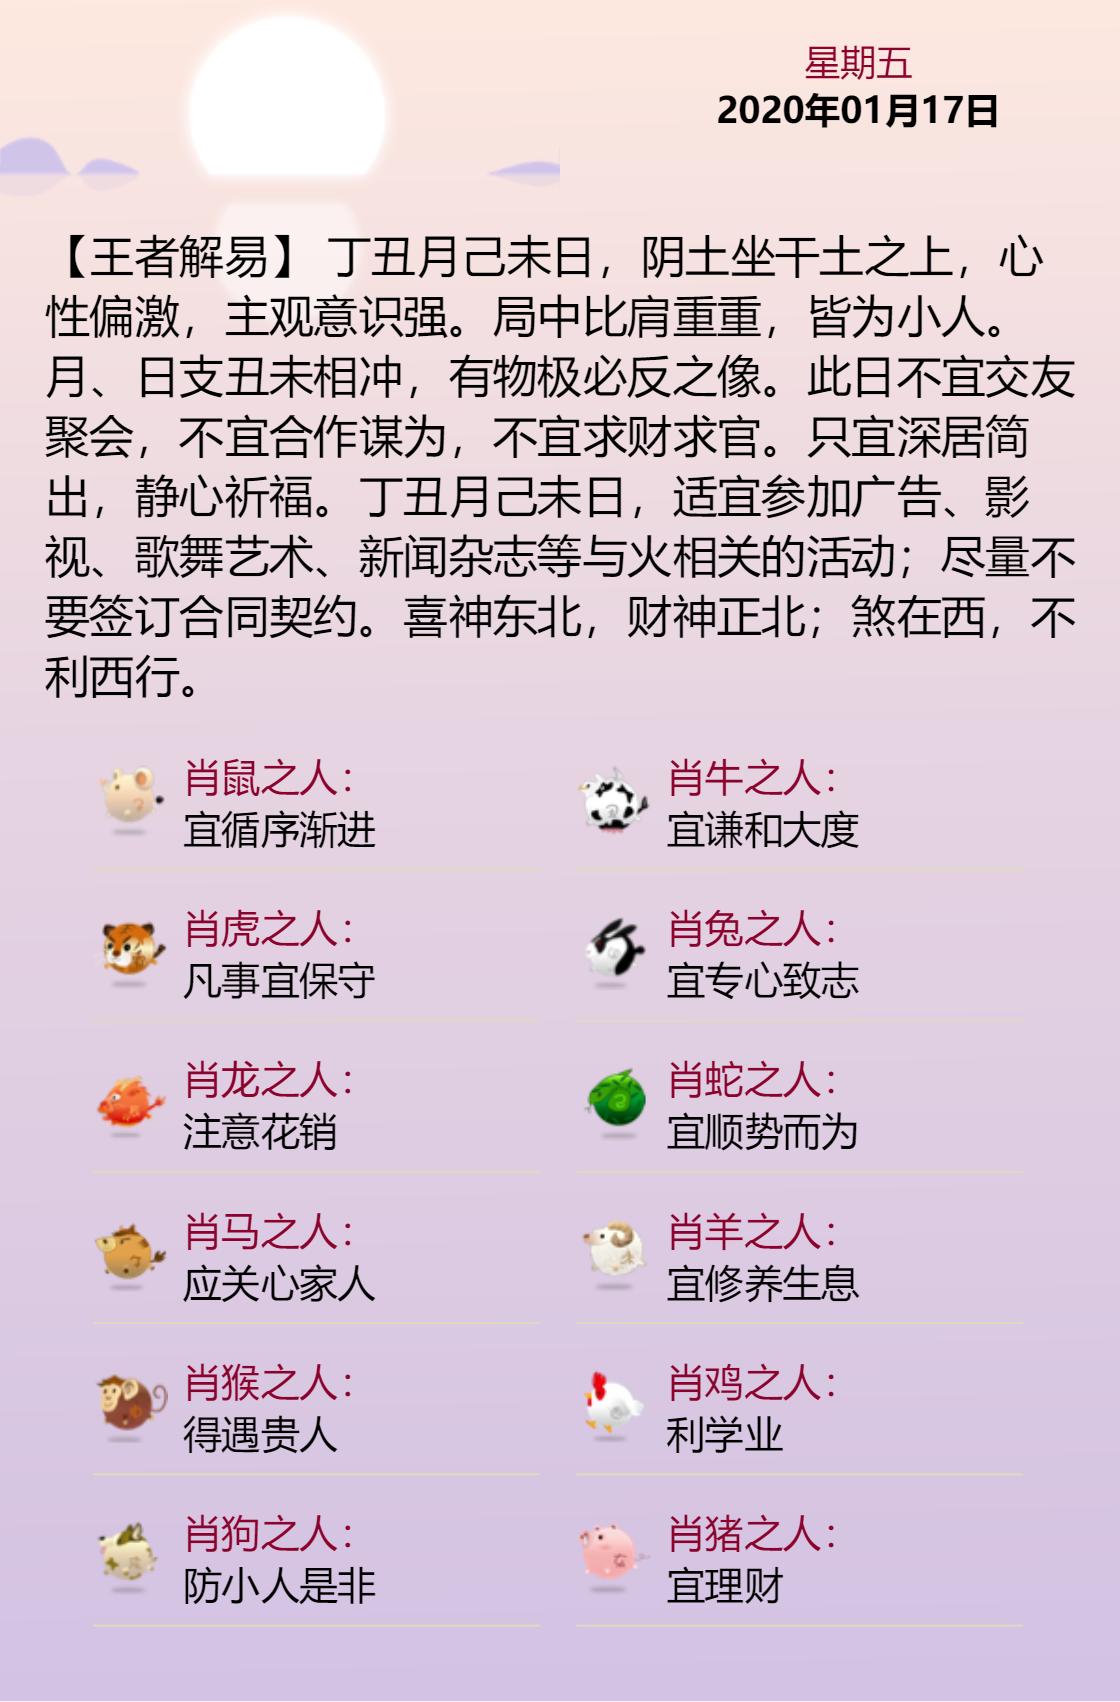 黄历海报20200117.png